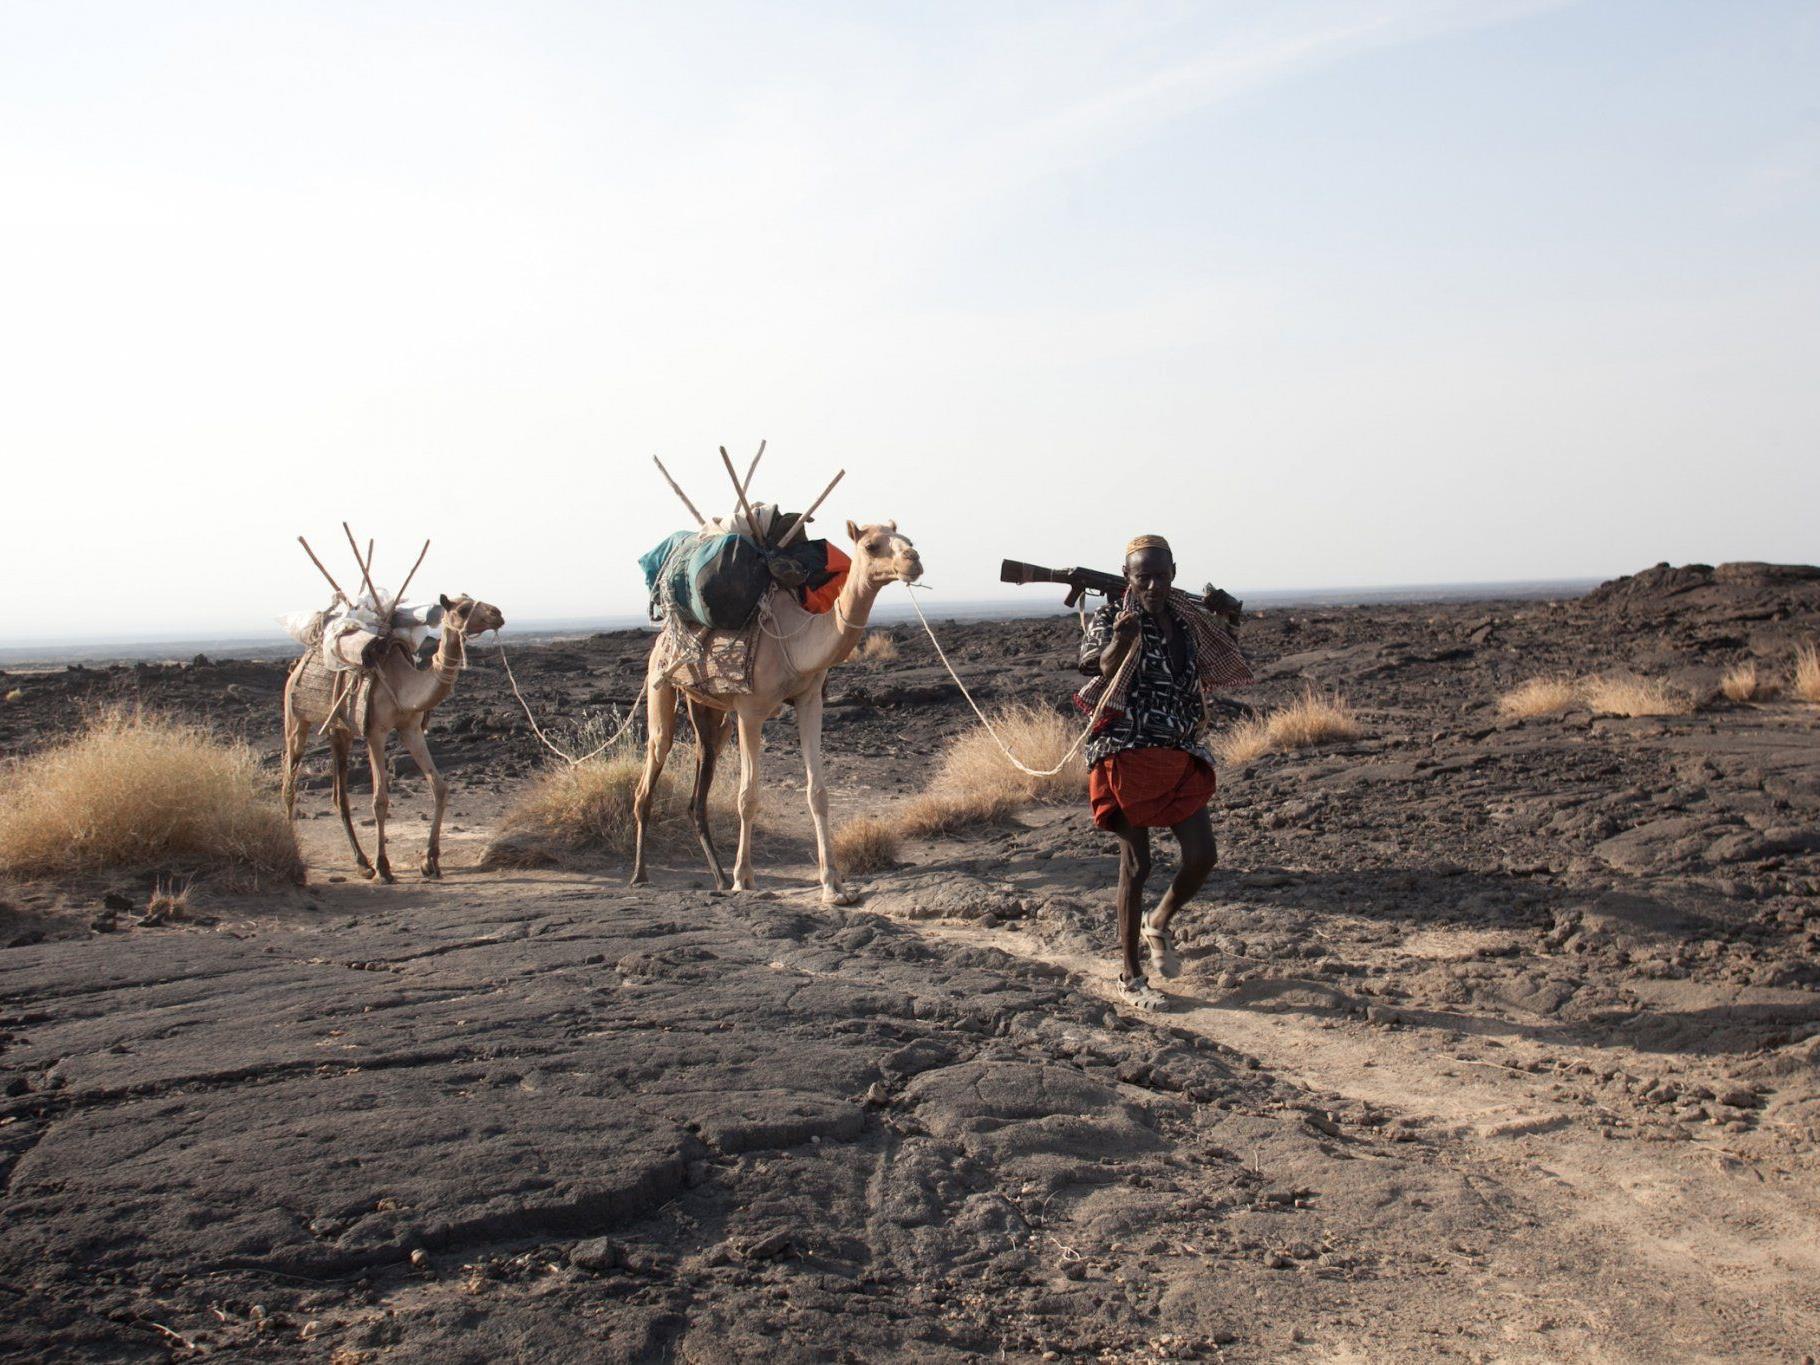 Kamele mit ihrem Führer in der Danakil-Wüste im Norden Äthiopiens, im Jahr 2011. Bei dem Überfall auf europäische Touristen in dieser Gegend ist ein Österreicher getötet worden.